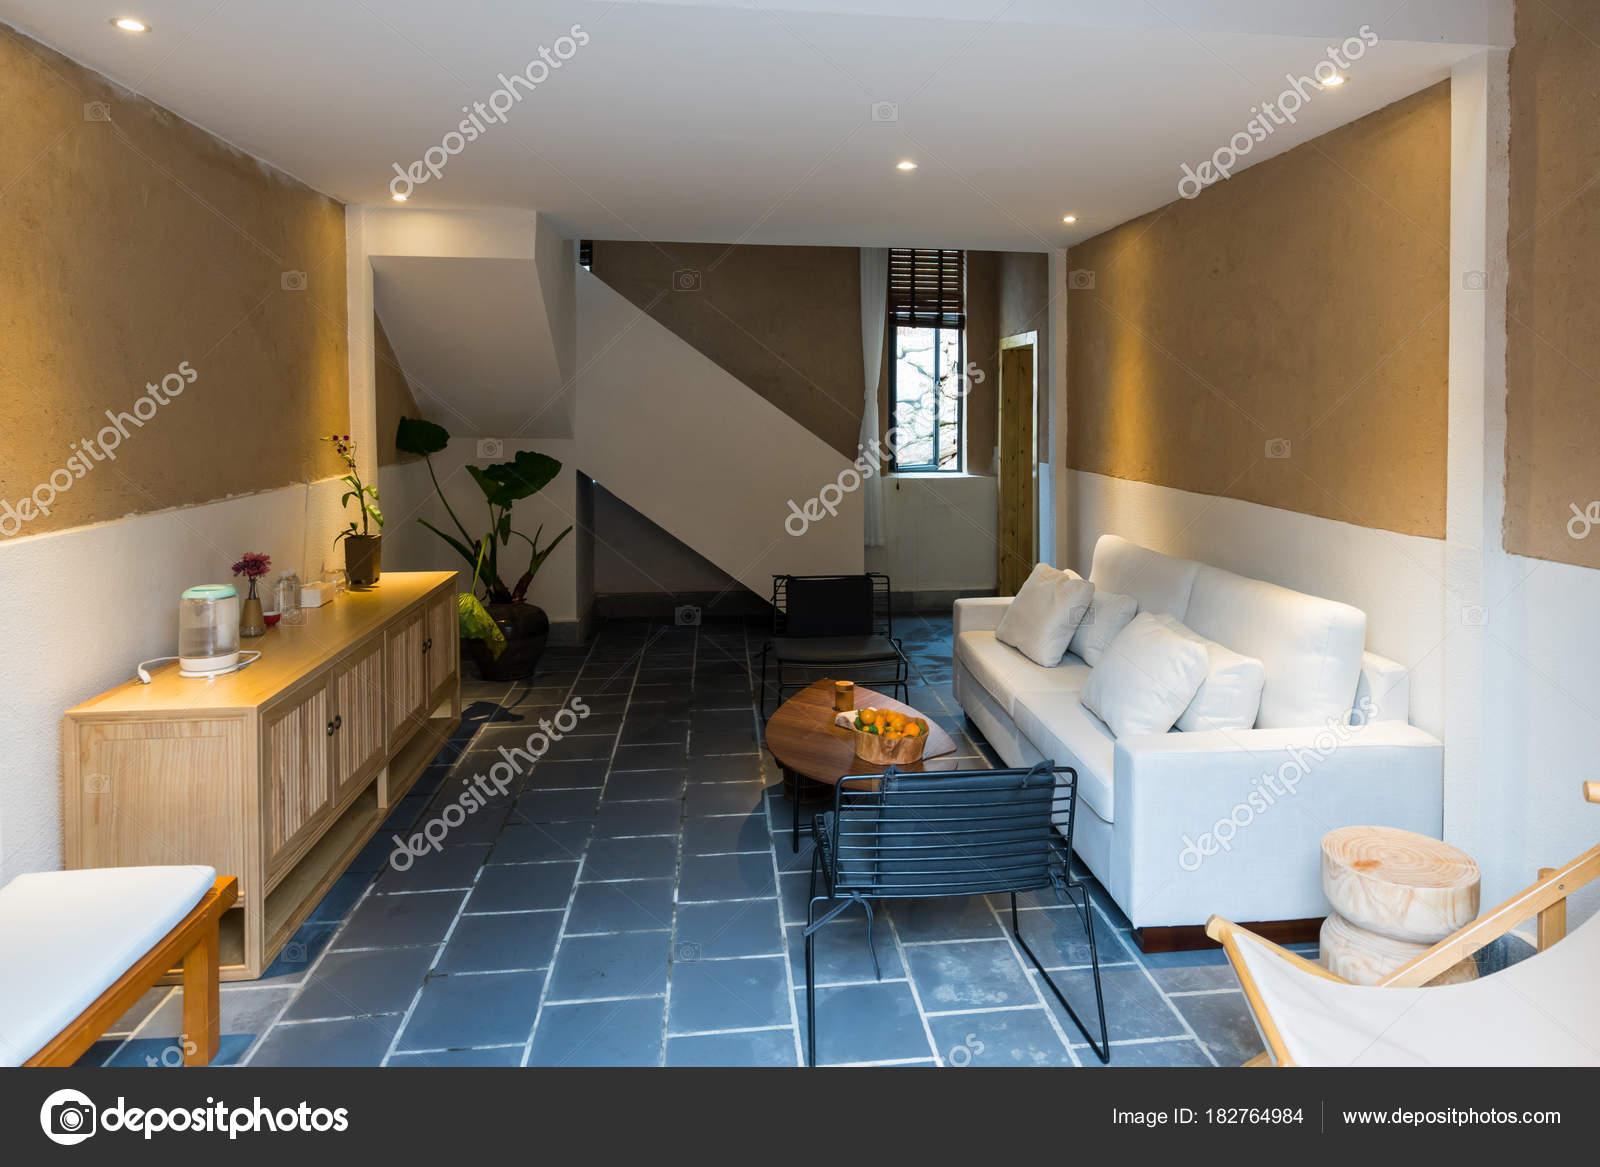 schönes Haus innen — Stockfoto © roseburn3djob #182764984